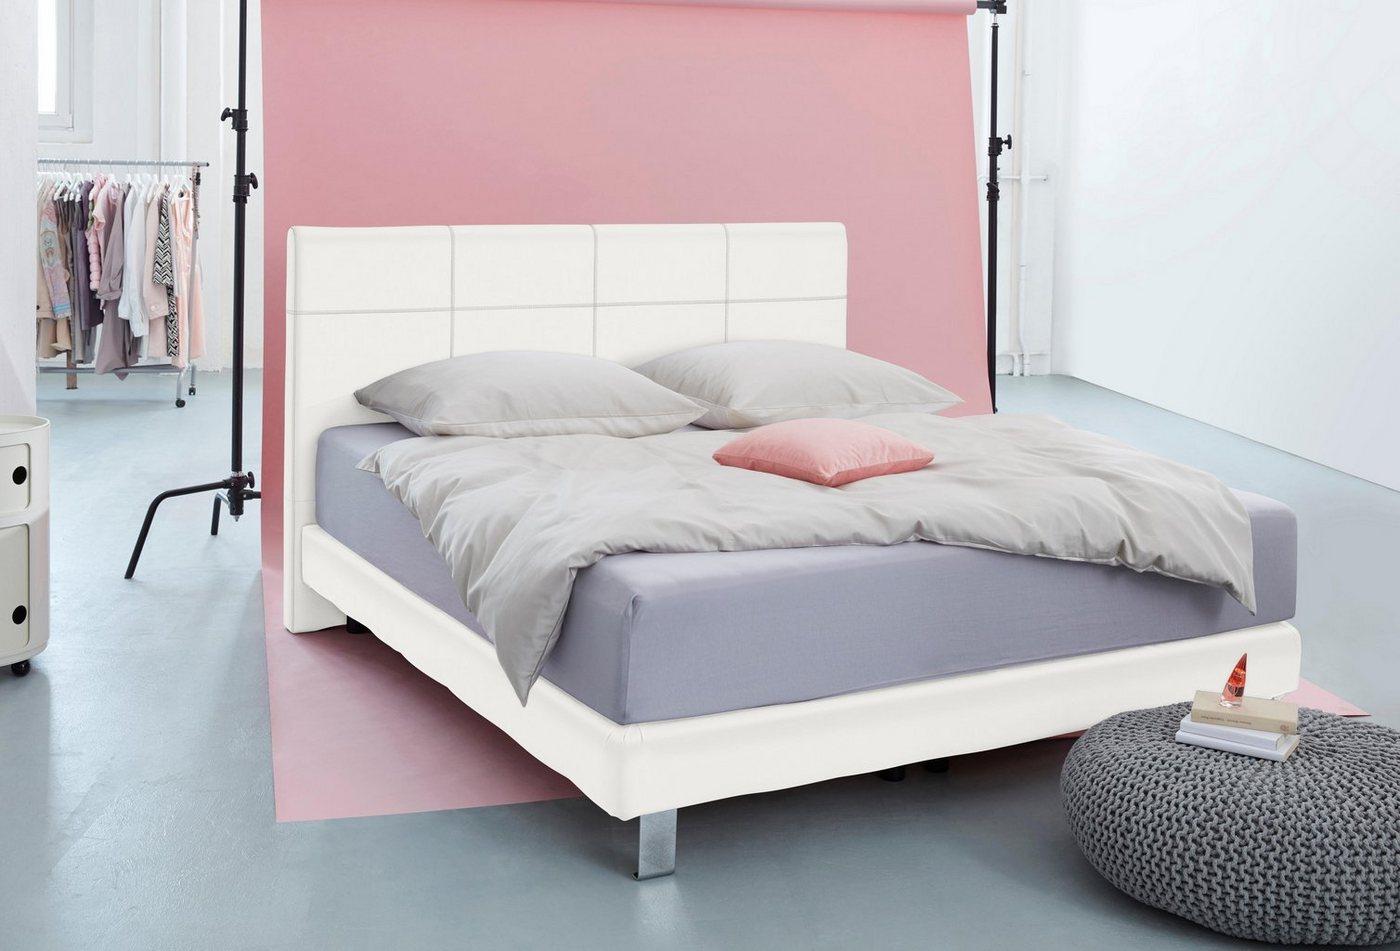 gabor comfort pantolette preisvergleiche erfahrungsberichte und kauf bei nextag. Black Bedroom Furniture Sets. Home Design Ideas